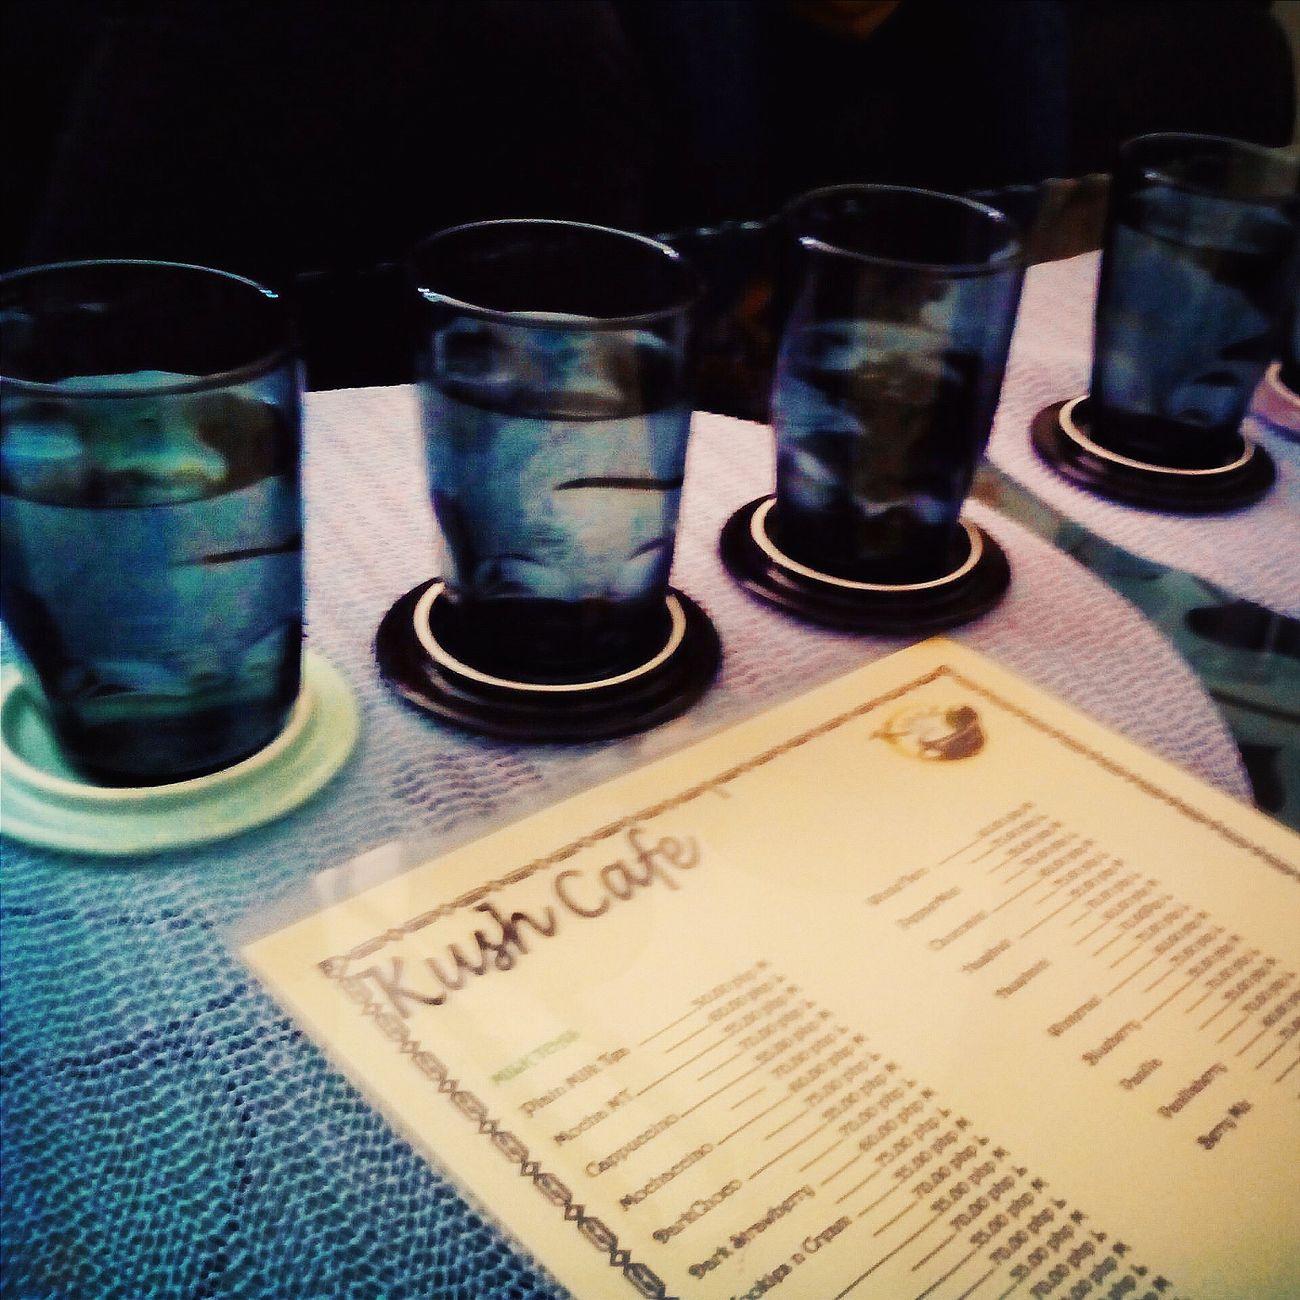 Kush cafe Blogger Gooodshot Lifestyle Photography